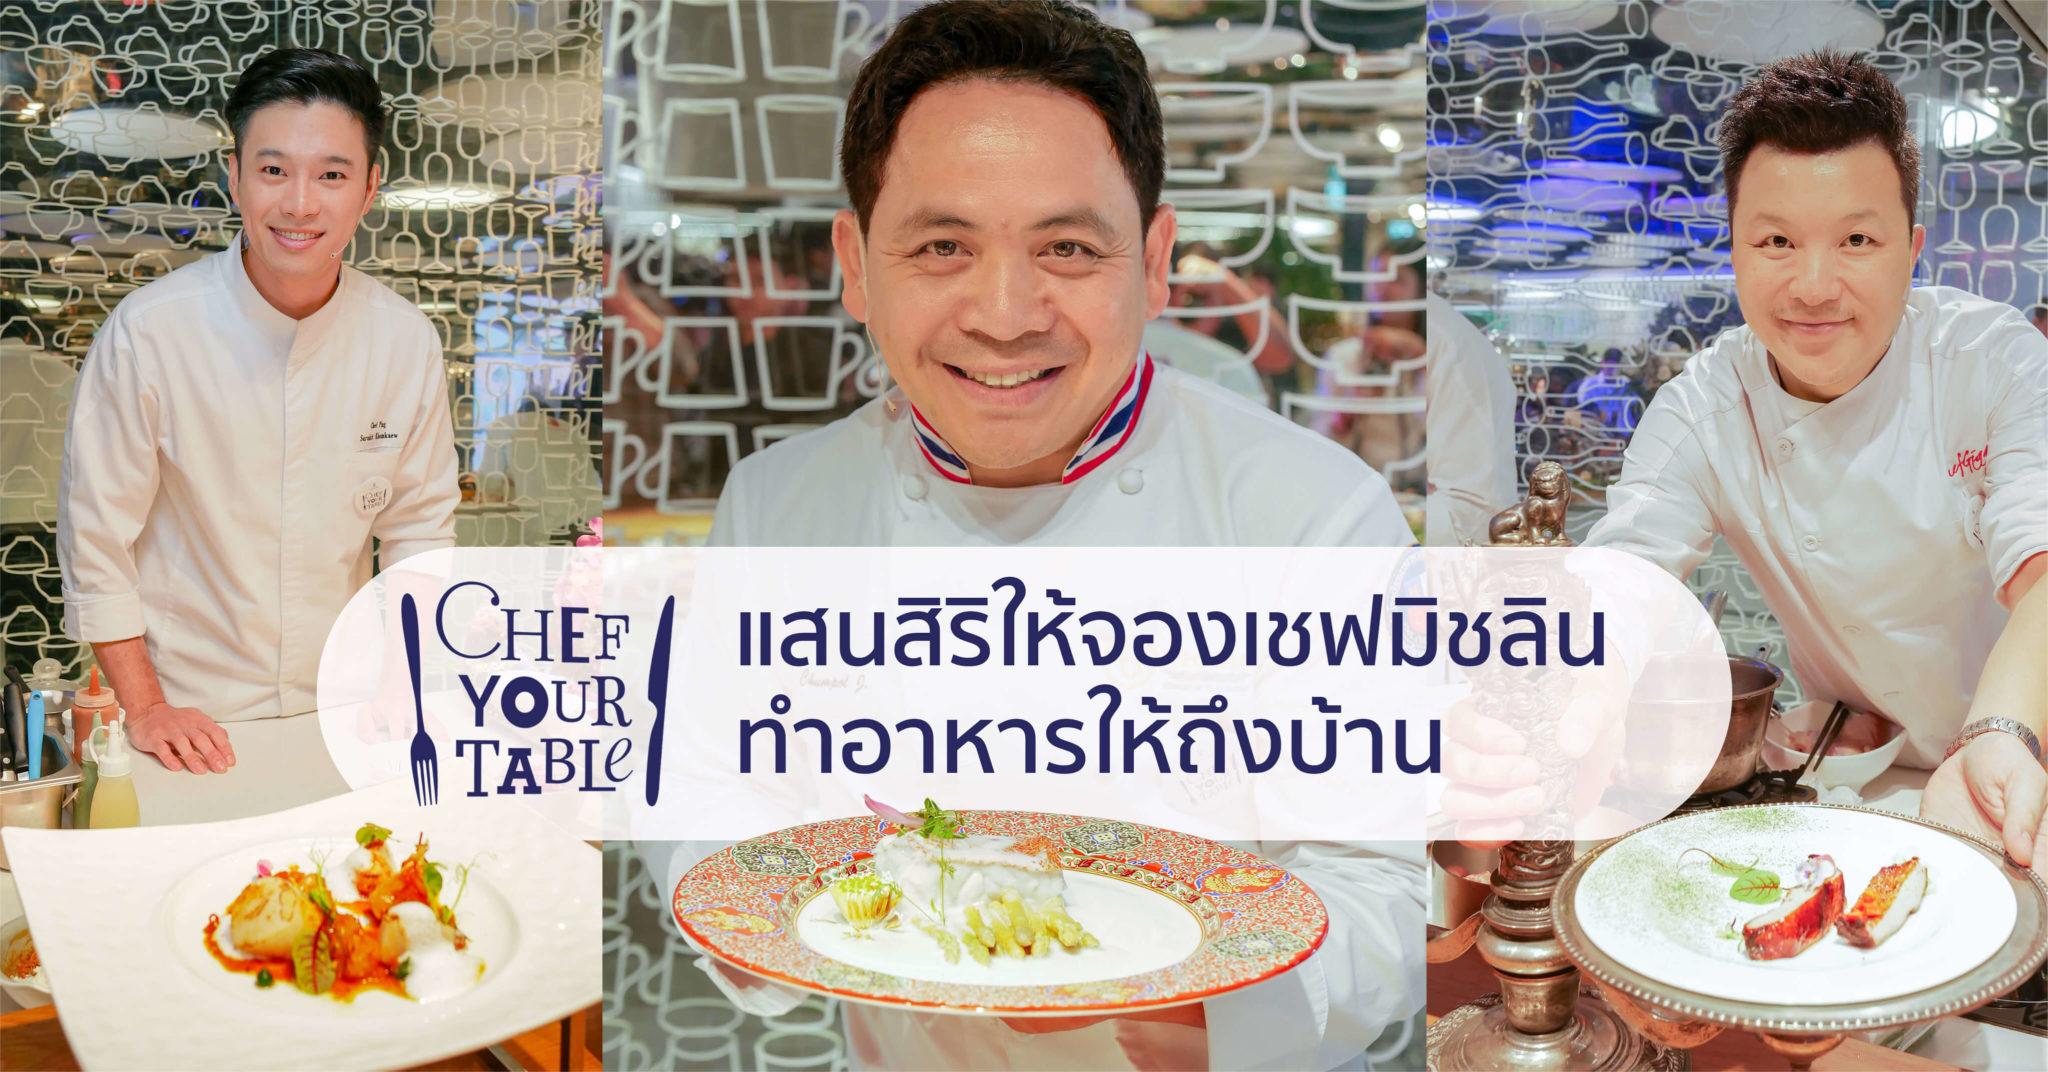 """สร้างช่วงเวลาสุดพิเศษไปกับ """"Sansiri Chef Your Table"""" ที่ให้คุณได้ลิ้มรสอาหารฝีมือเชฟระดับประเทศถึงบ้านคุณ! 13 - Chef"""